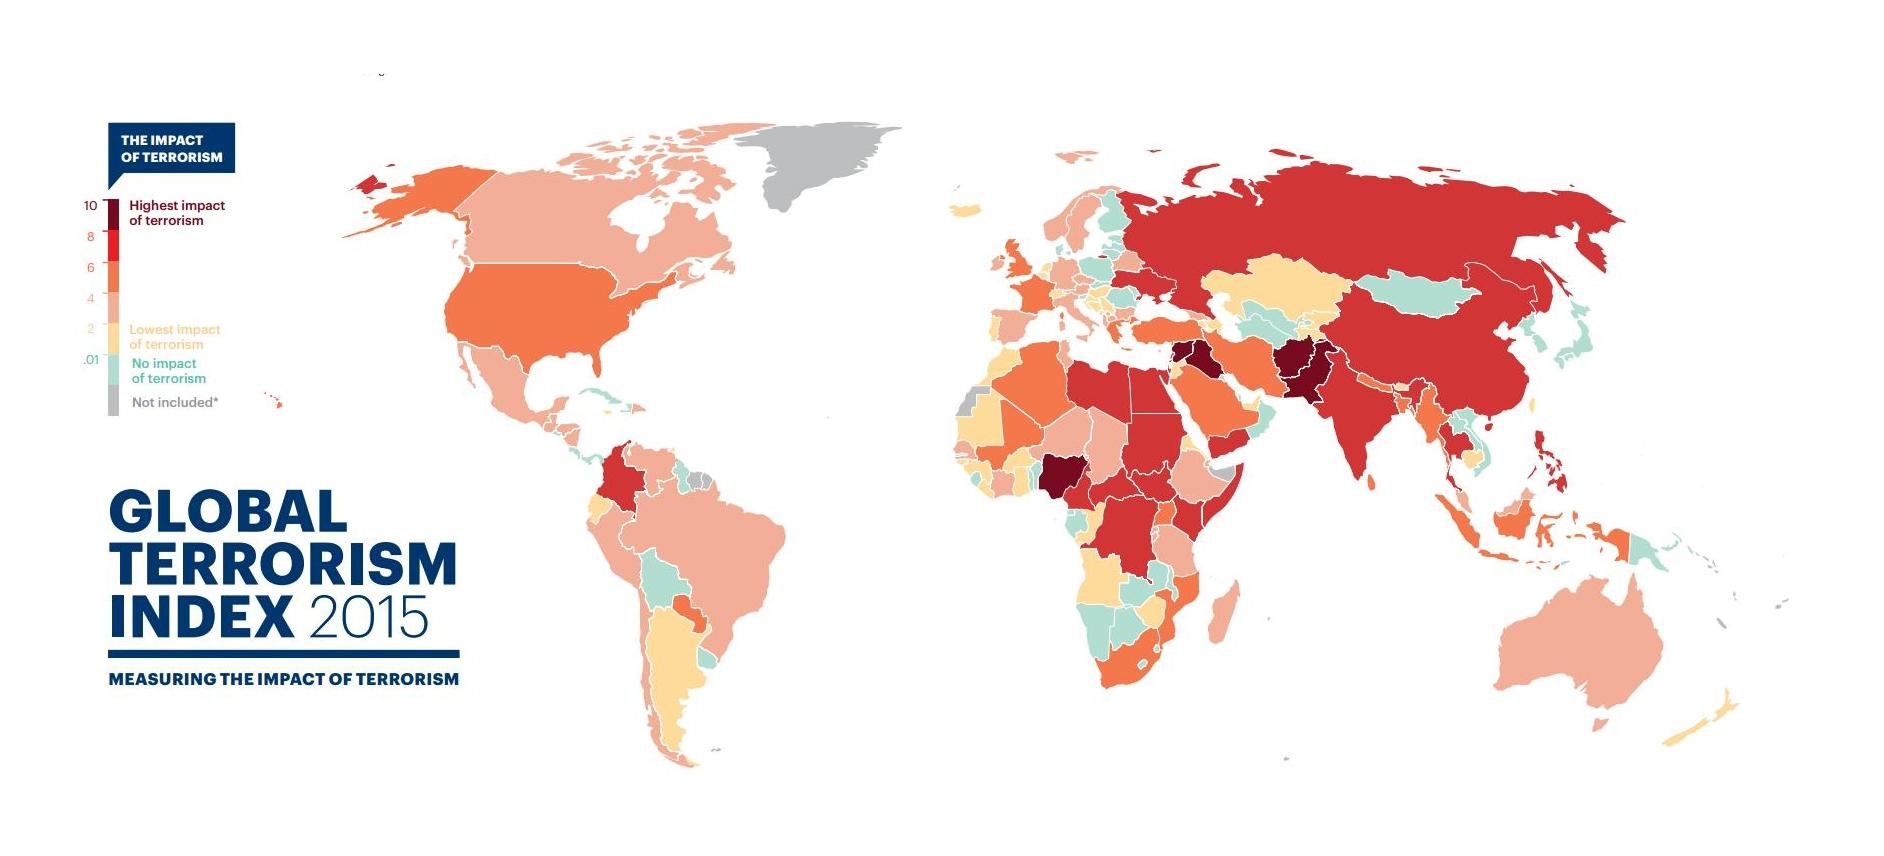 Число жертв терактов в 2014 году достигло максимума: инфографика